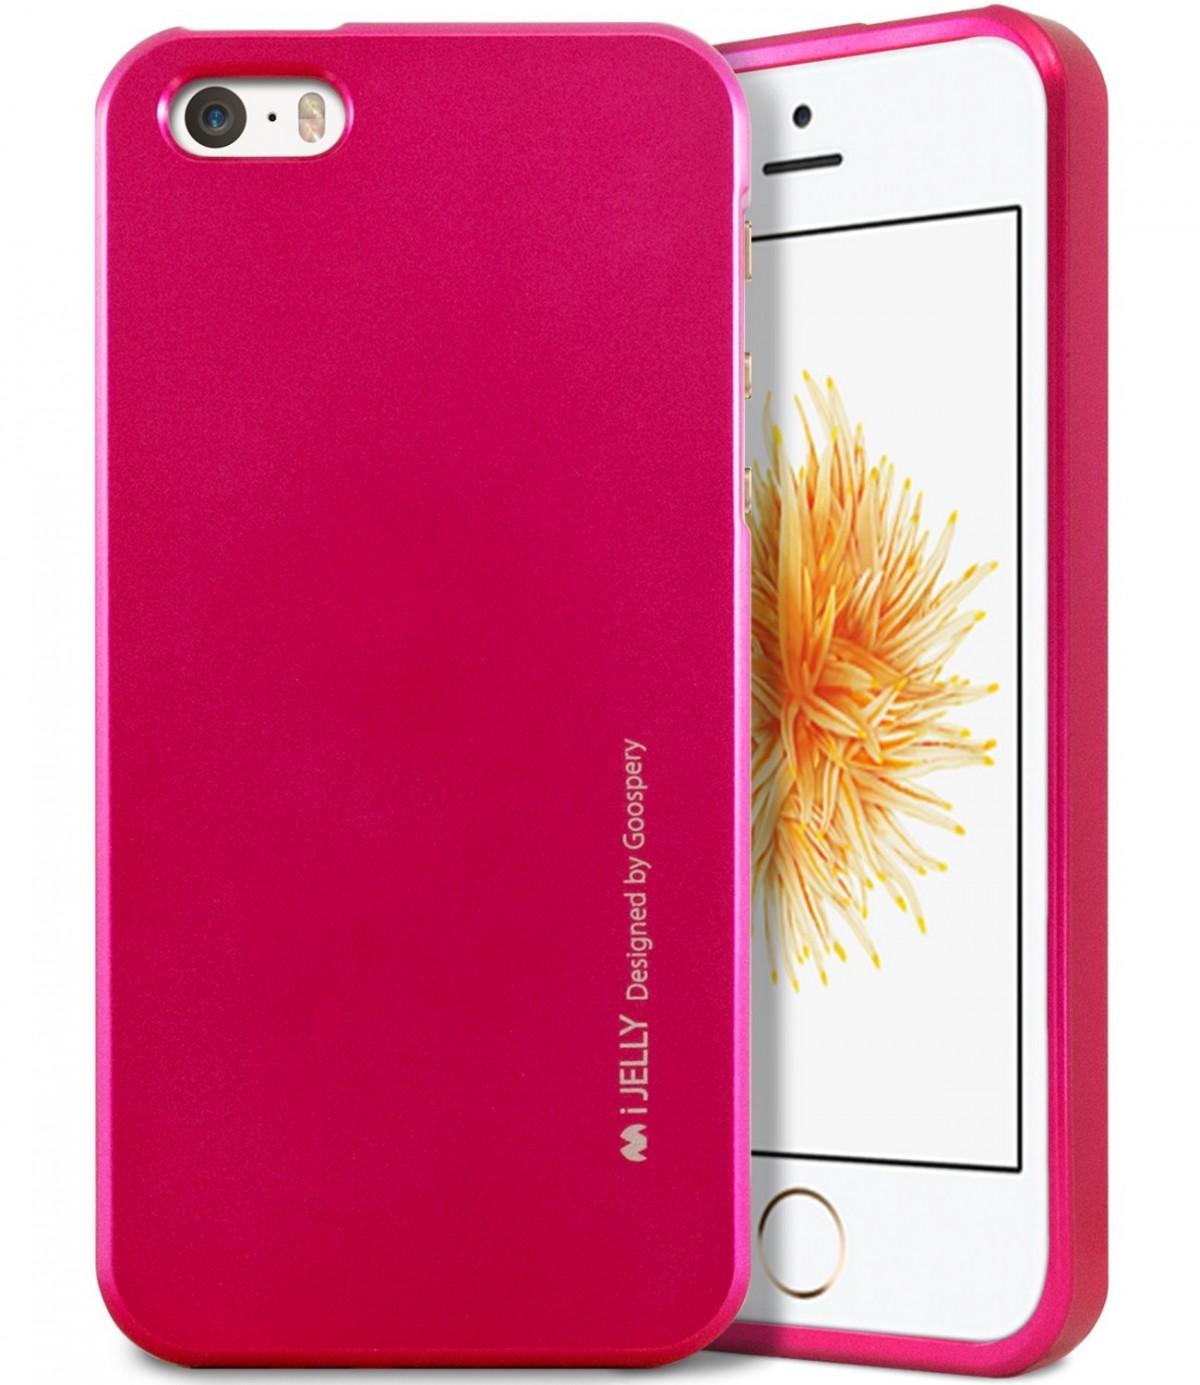 Silikonový obal / kryt iJelly od Goospery Mercury pro Apple iPhone SE / 5s / 5 - Metalicky růžový